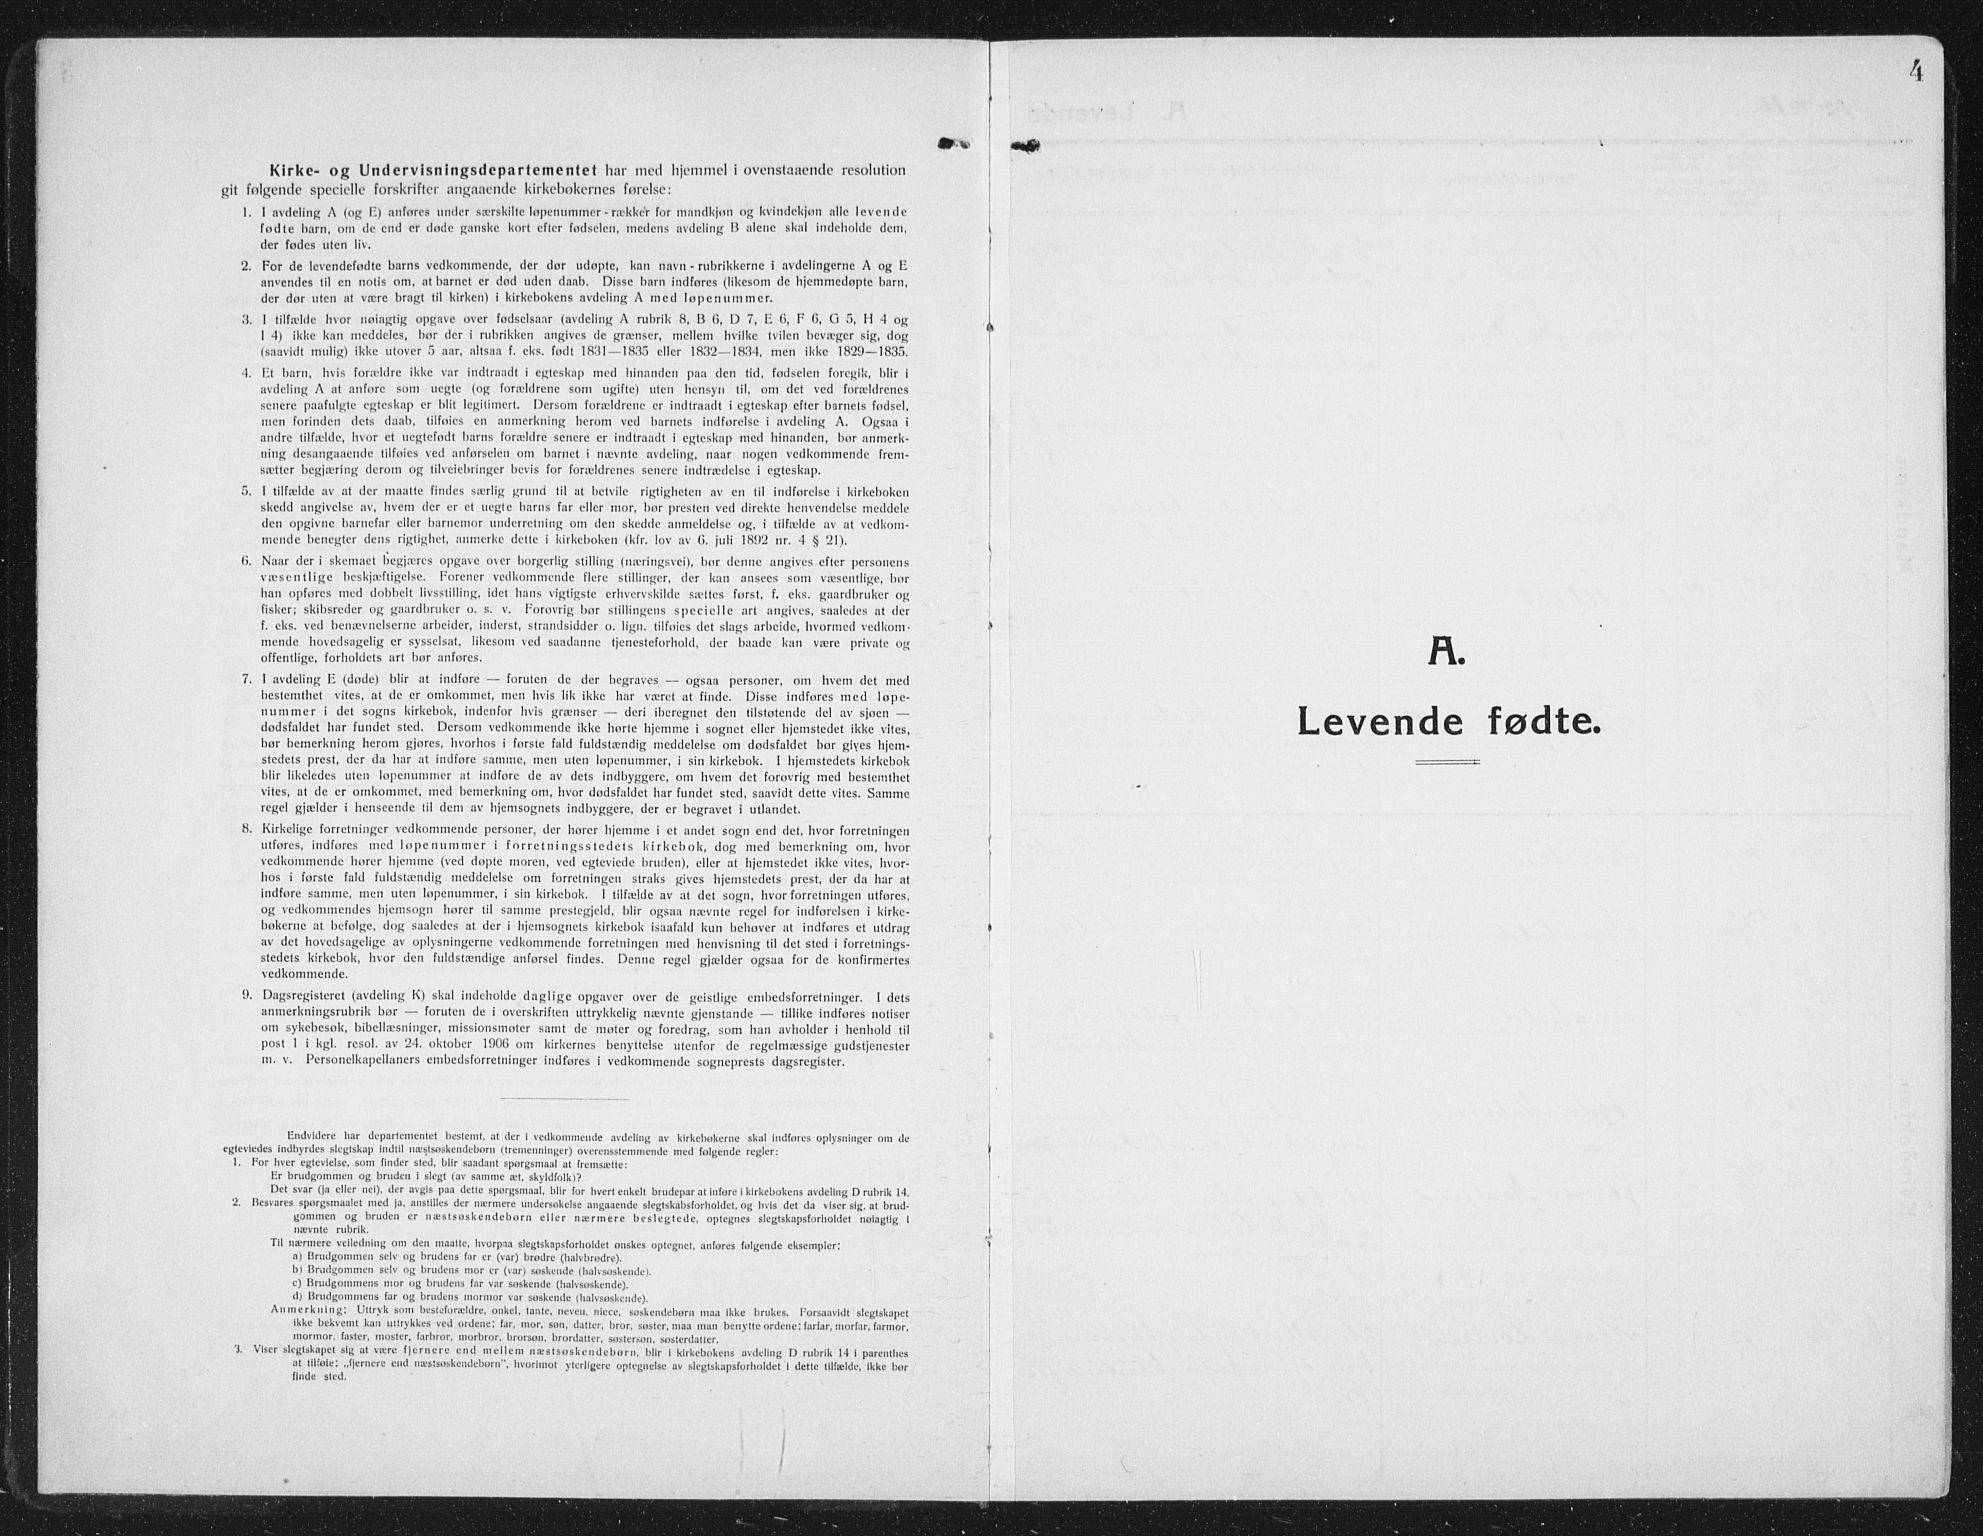 SAT, Ministerialprotokoller, klokkerbøker og fødselsregistre - Nord-Trøndelag, 742/L0413: Klokkerbok nr. 742C04, 1911-1938, s. 4